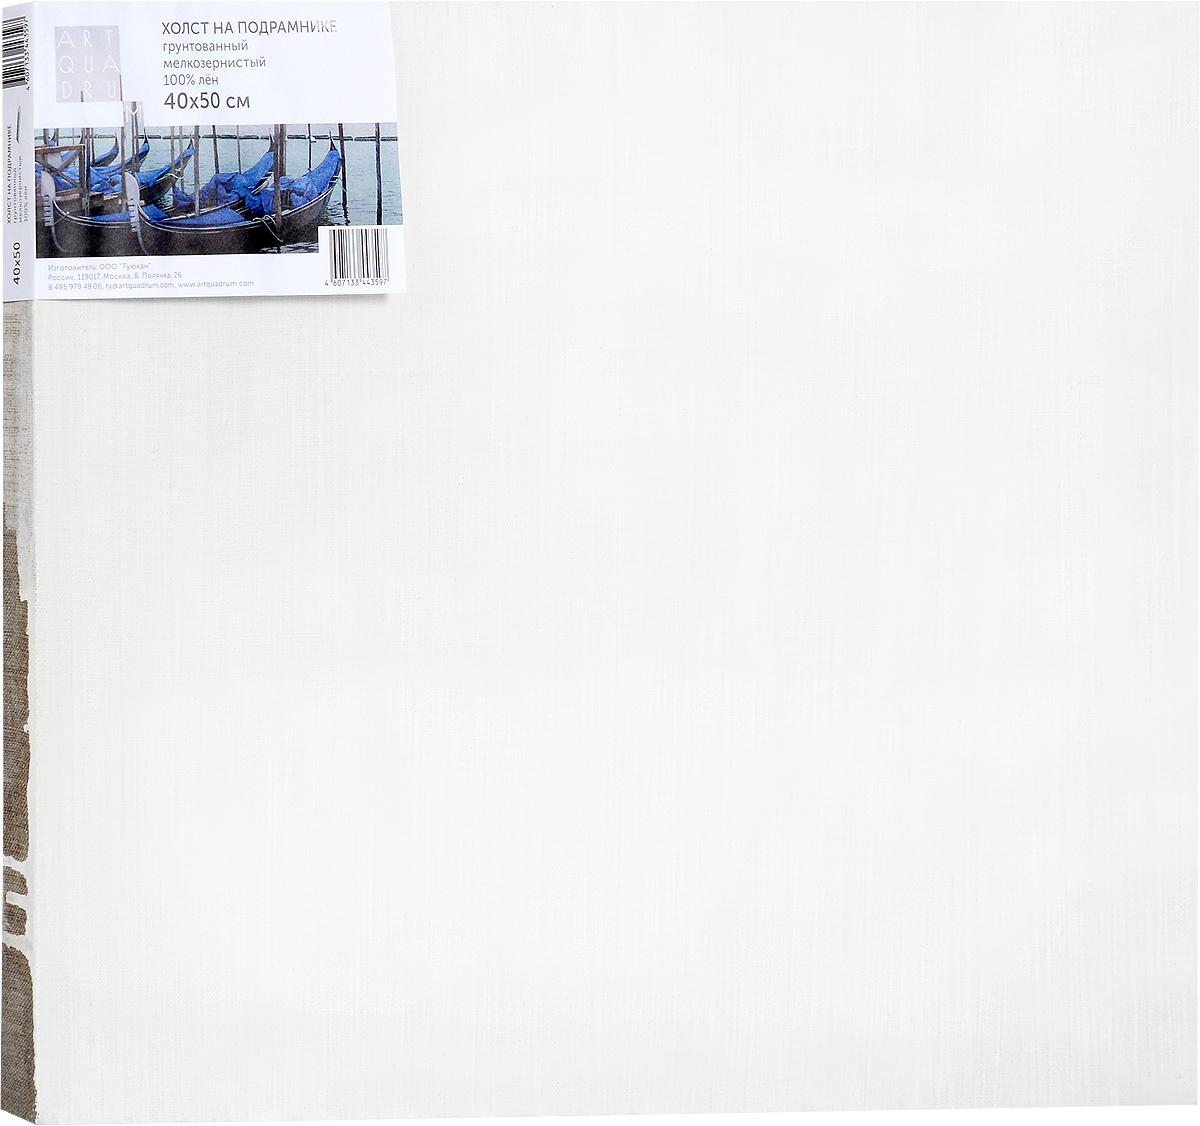 Холст ArtQuaDram Мелкозернистый на подрамнике, грунтованный, 40 х 50 смТ0003833Холст на деревянном подрамнике ArtQuaDram Мелкозернистый изготовлен из 100% натурального льна. Подходит для профессионалов и художников. Холст не трескается, не впитывает слишком много краски, цвет краски и качество не изменяются. Холст идеально подходит для масляной и акриловой живописи.